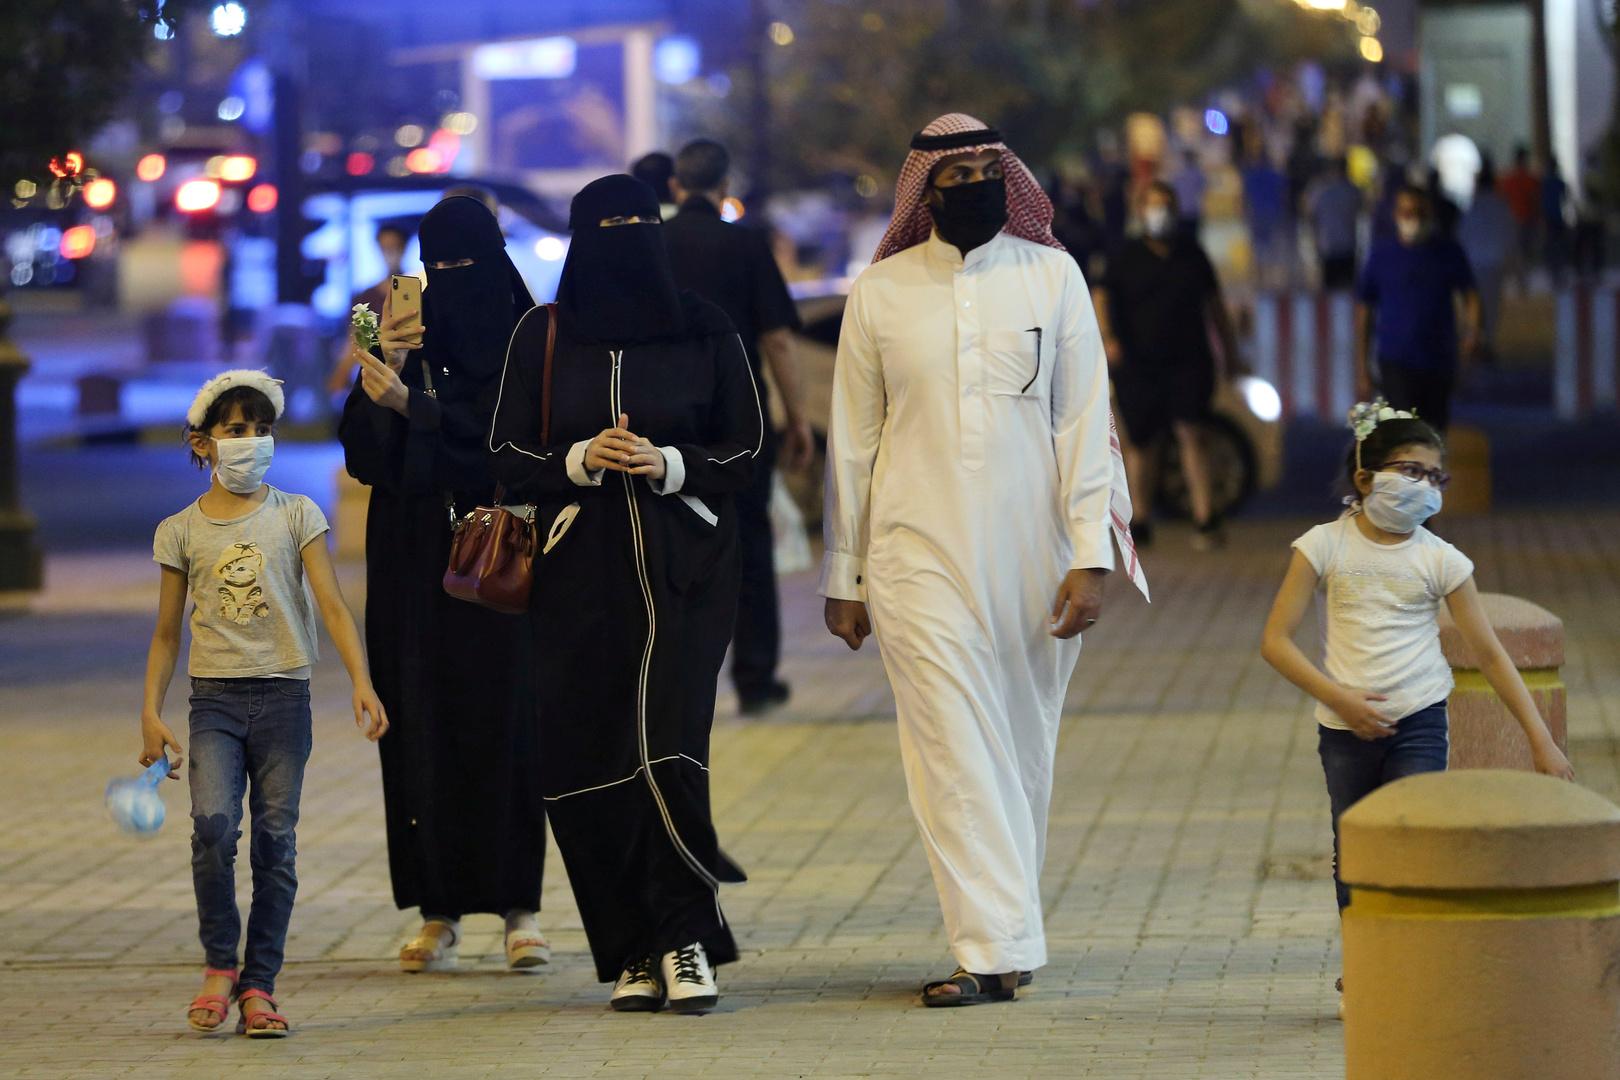 لليوم الثاني.. السعودية تسجل أدنى حصيلة إصابات بكورونا منذ أوائل يونيو